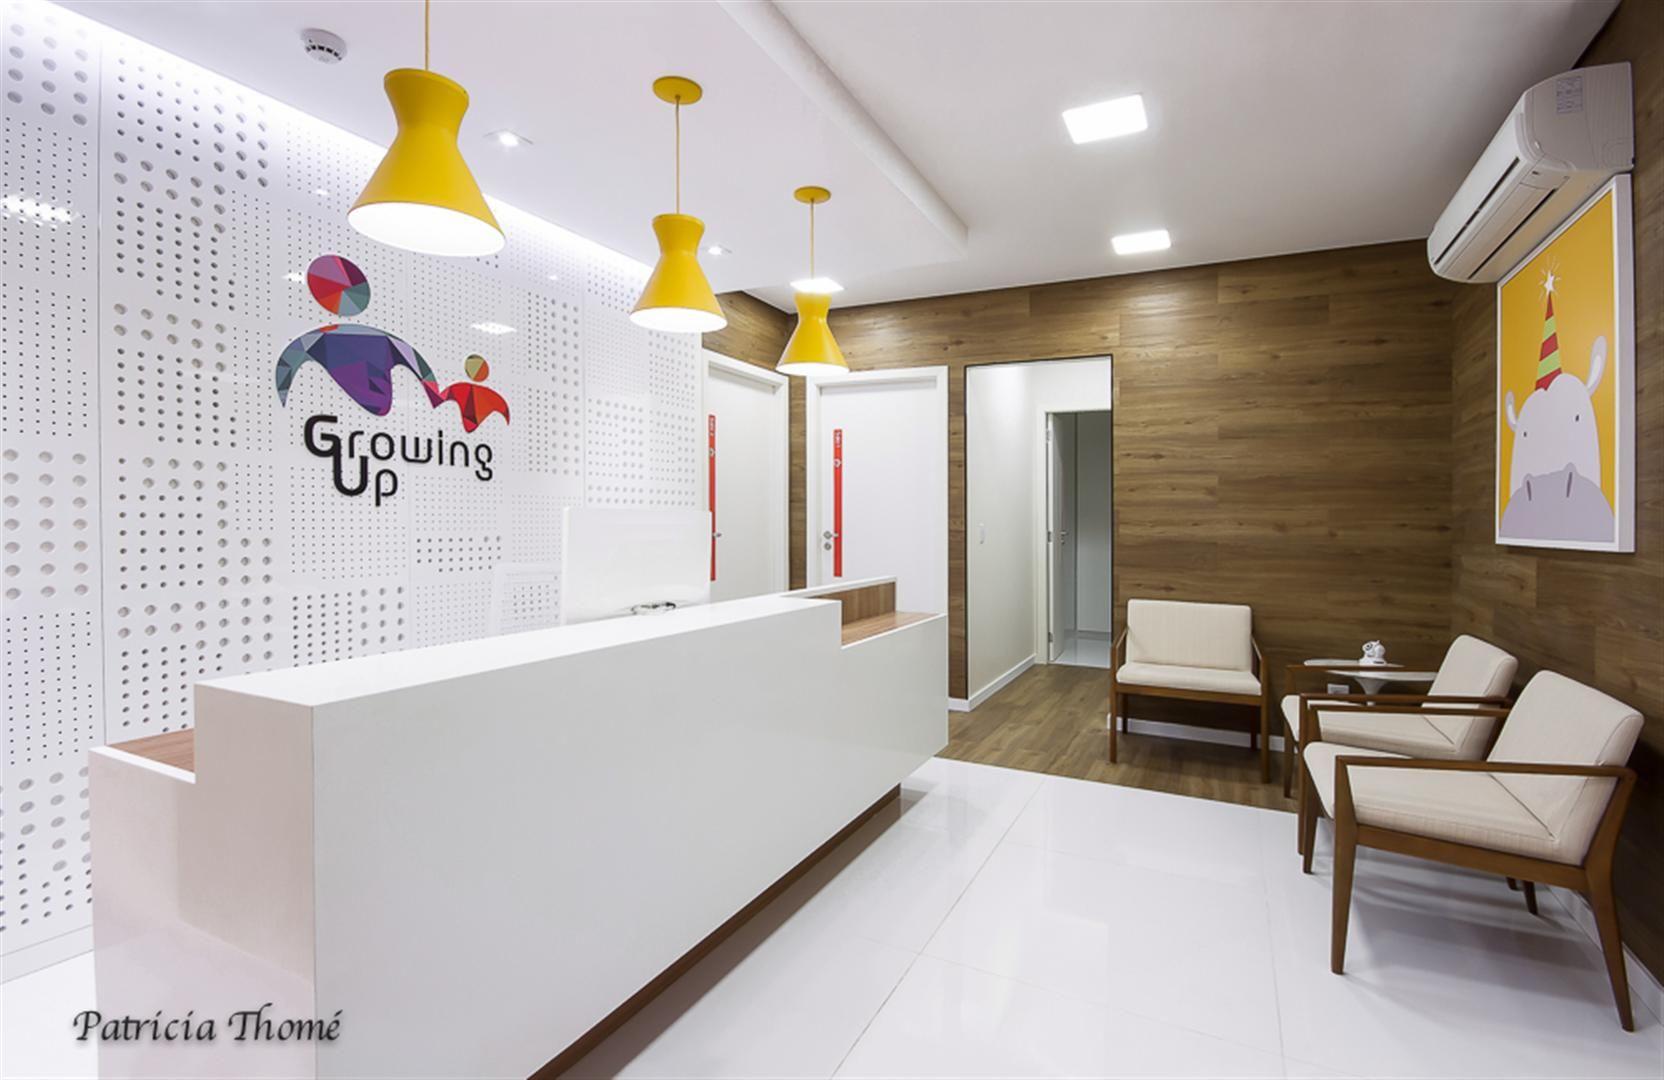 Projeto de Arquitetura Especializada - Clínica Pediátrica - Growing Up